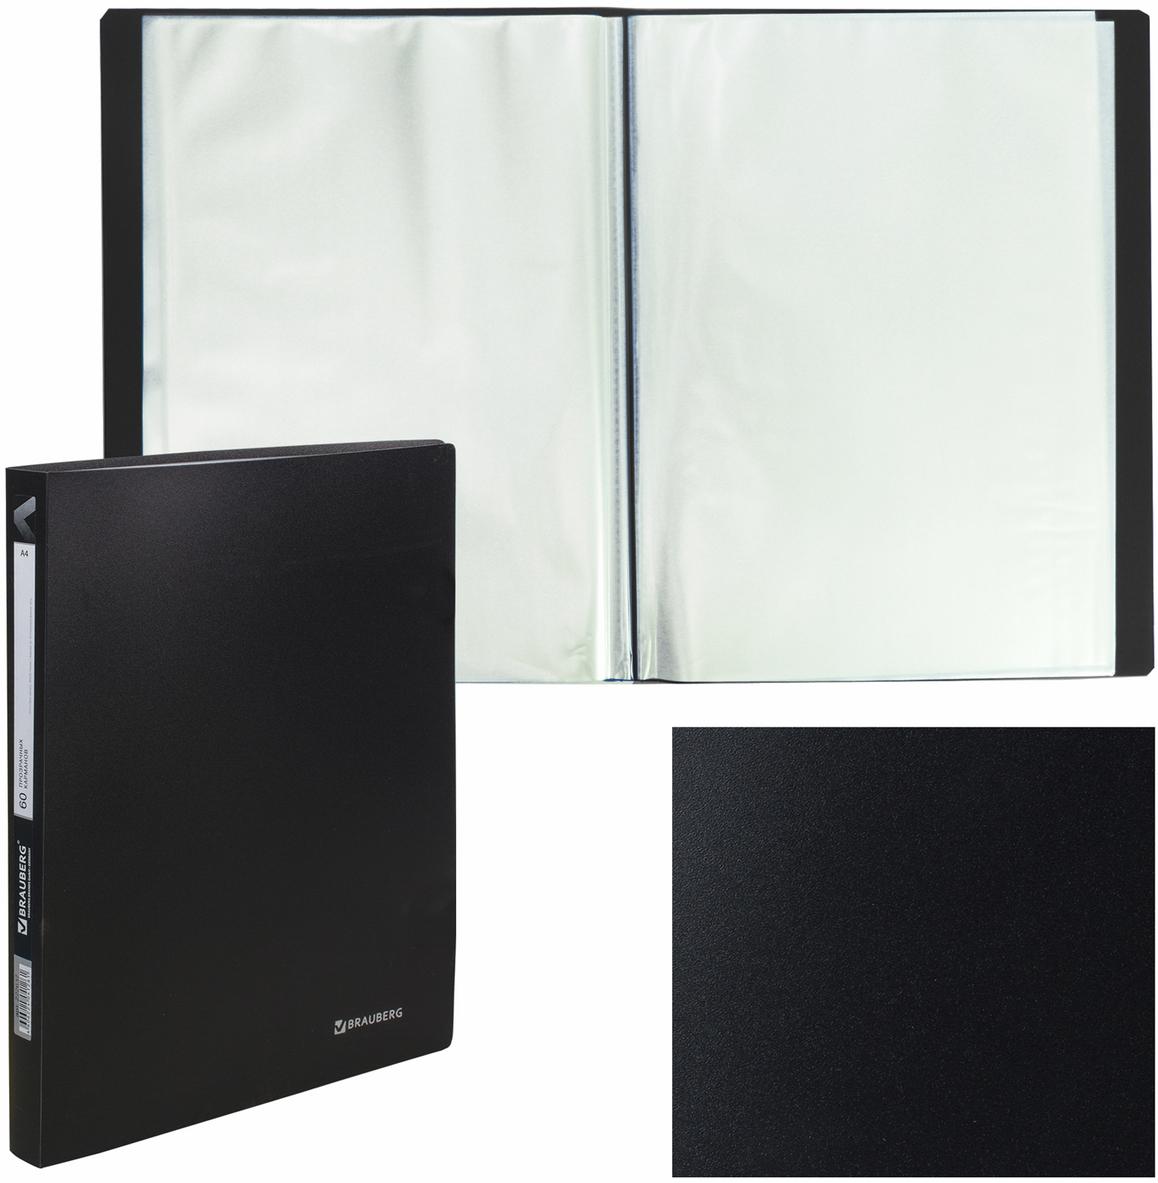 Brauberg Папка Office цвет черный 222637 - Папки